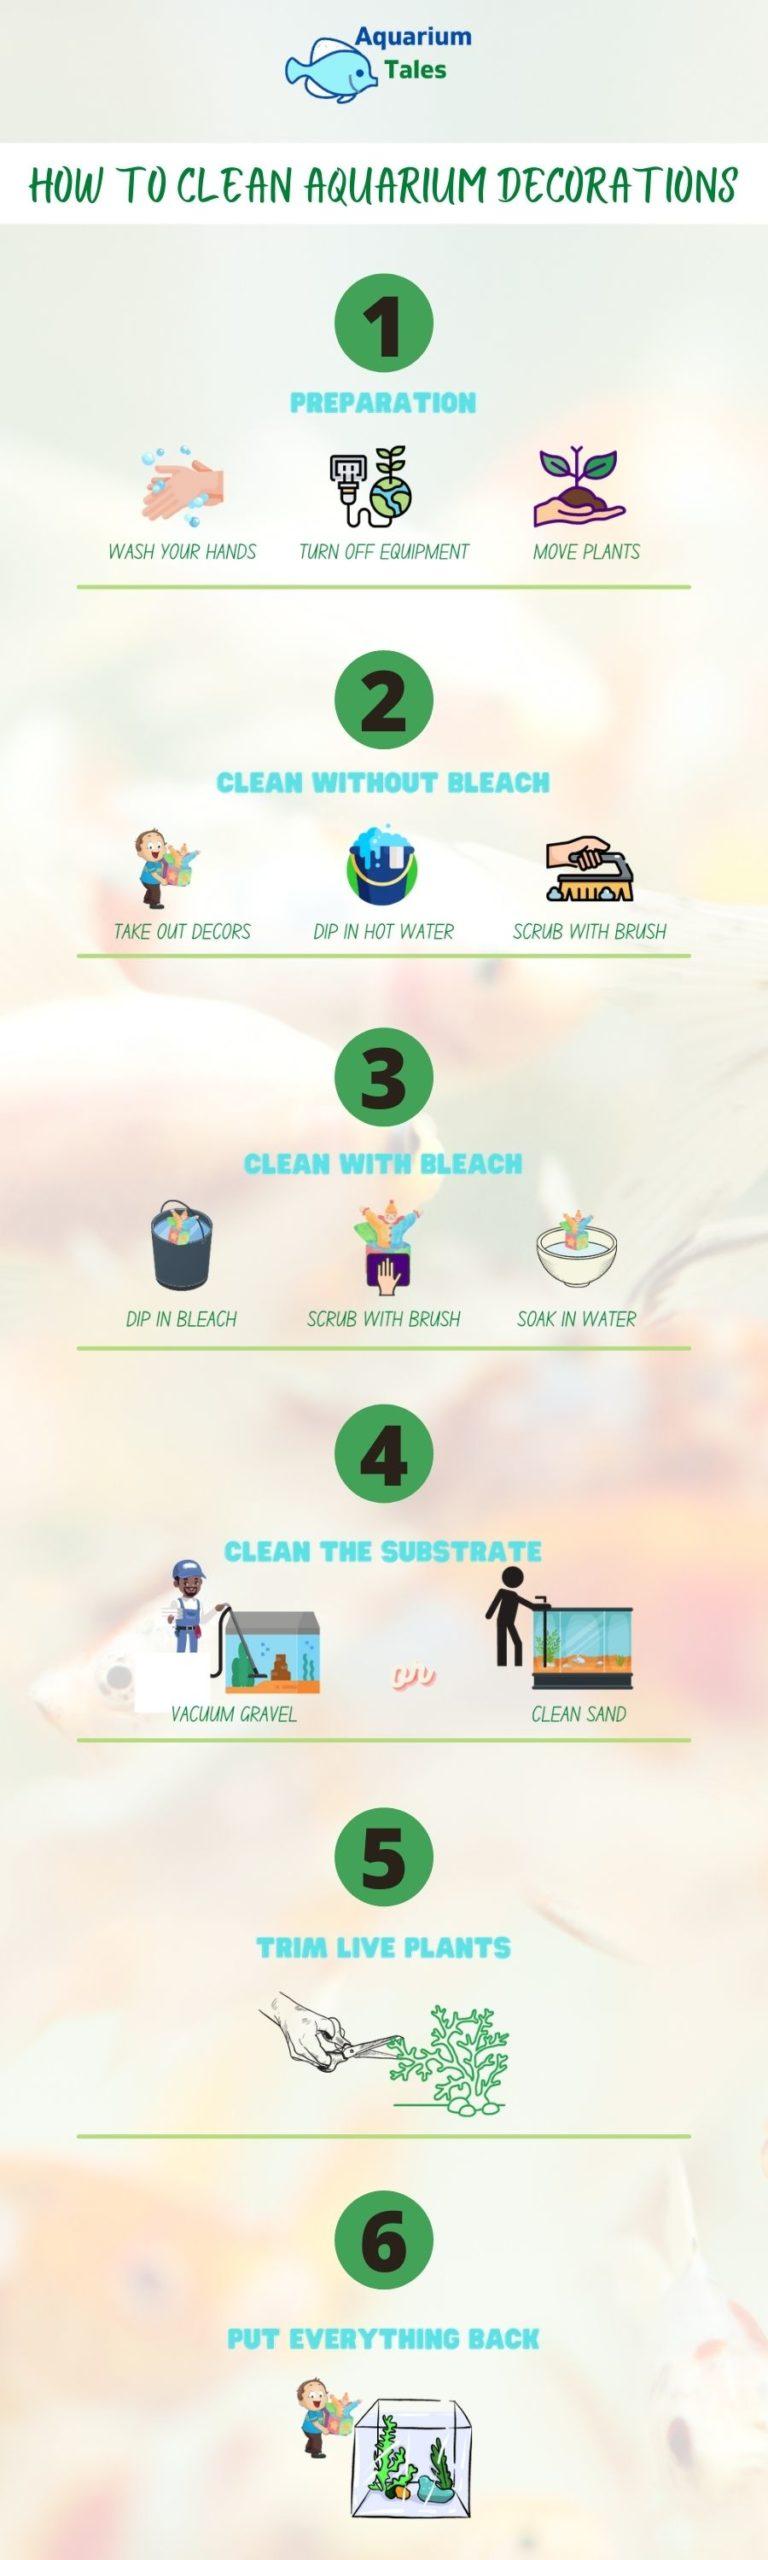 How To Clean Aquarium Decorations - Infographic